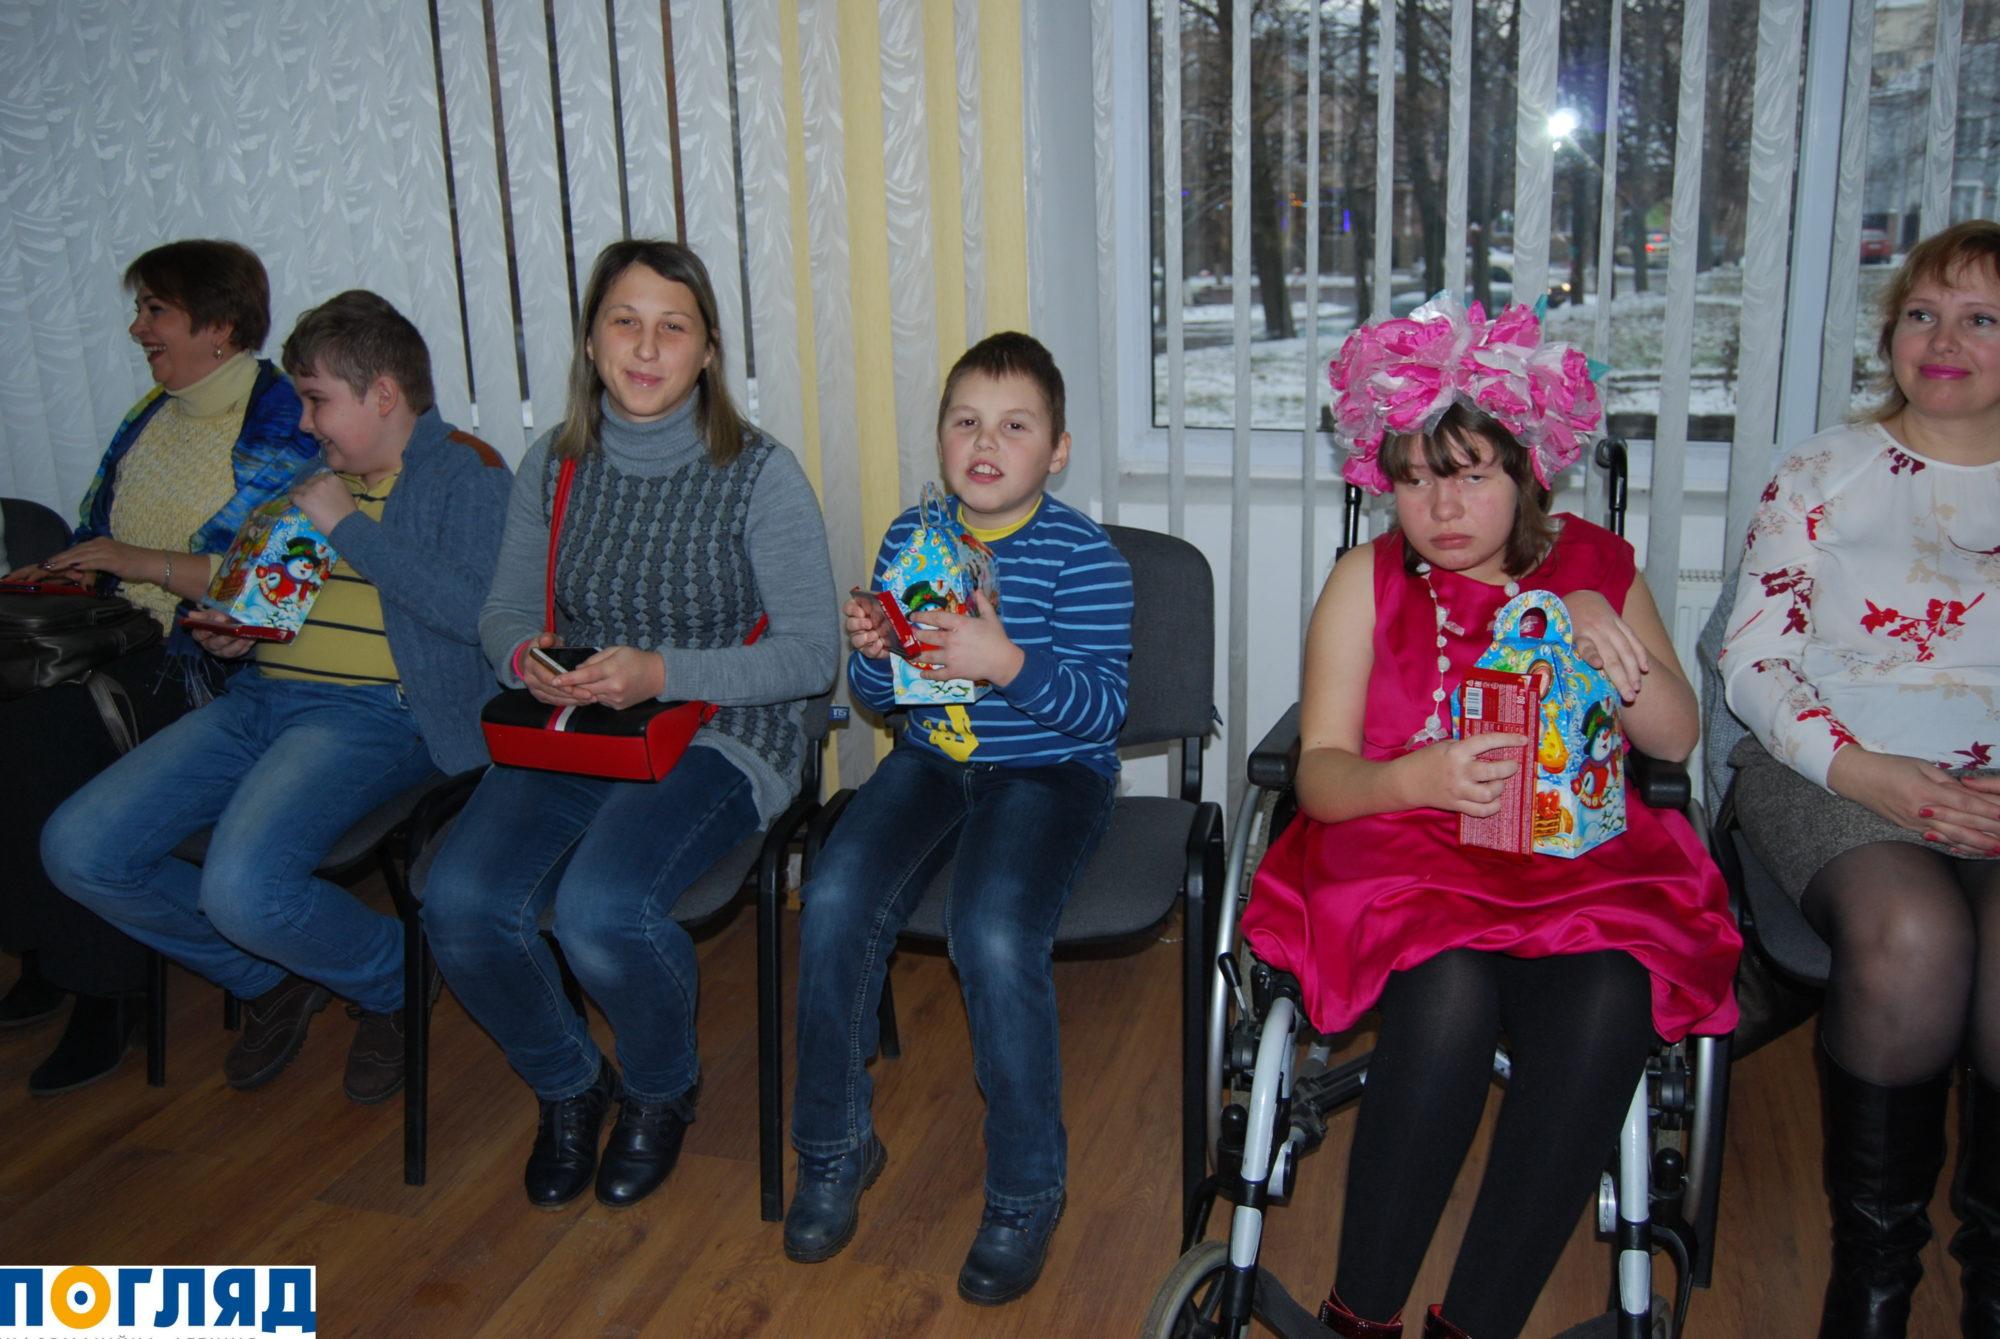 Яскраве свято для дітей Василькова з особливими потребами